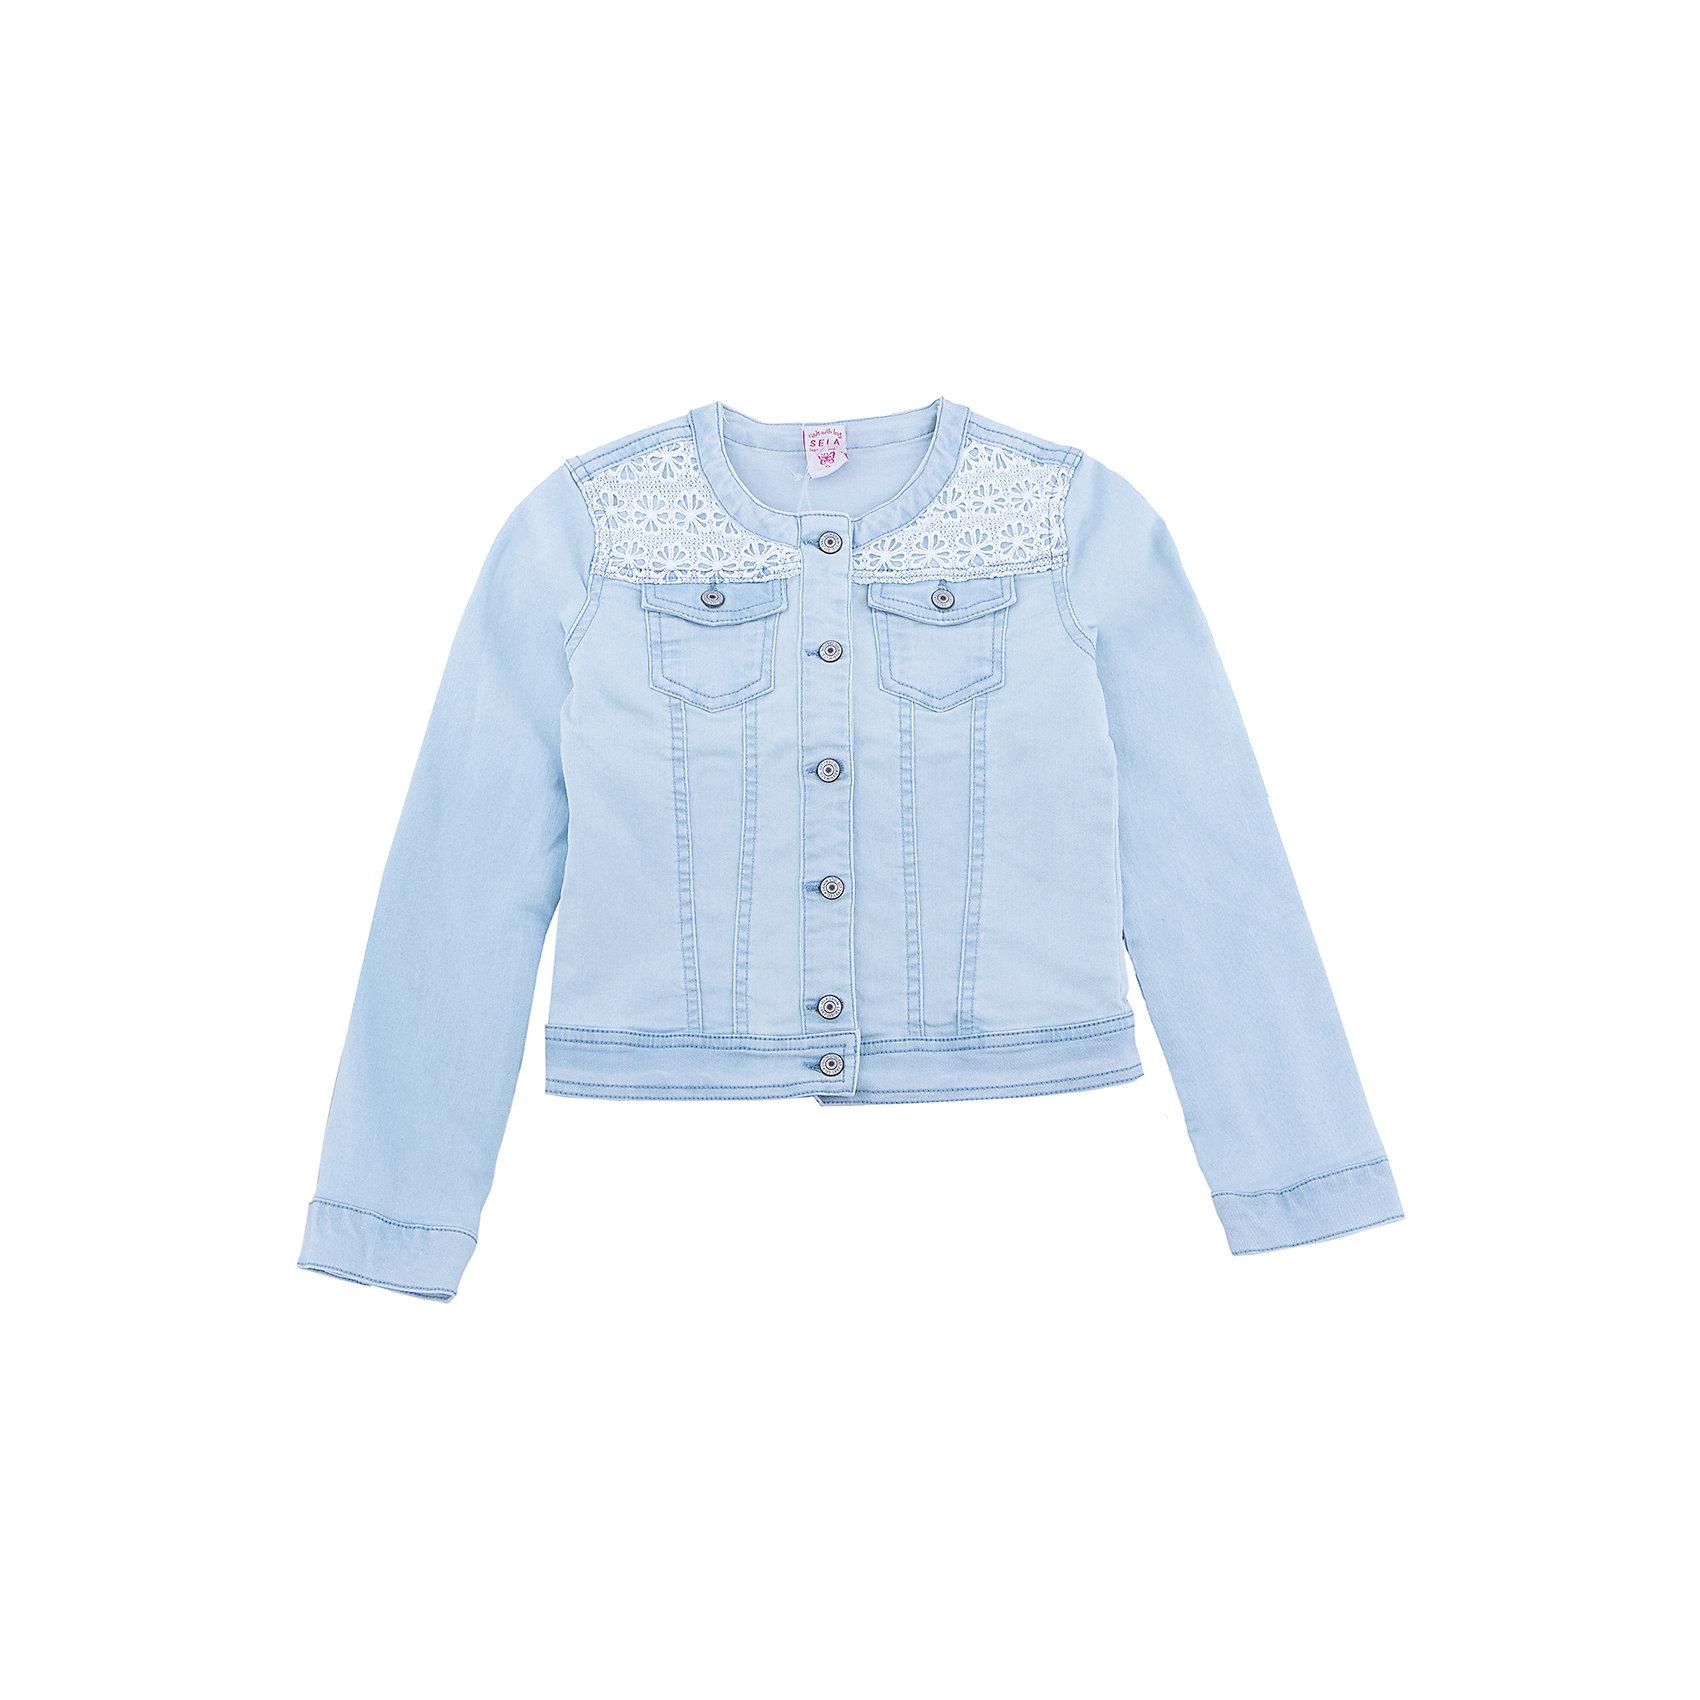 Куртка джинсовая для девочки SELAДжинсовая одежда<br>Куртка для девочки от известного бренда SELA<br>Состав:<br>78% хлопок, 21% ПЭ, 1% эластан<br><br>Ширина мм: 190<br>Глубина мм: 74<br>Высота мм: 229<br>Вес г: 236<br>Цвет: голубой<br>Возраст от месяцев: 96<br>Возраст до месяцев: 108<br>Пол: Женский<br>Возраст: Детский<br>Размер: 134,140,146,152,116,122,128<br>SKU: 5305692